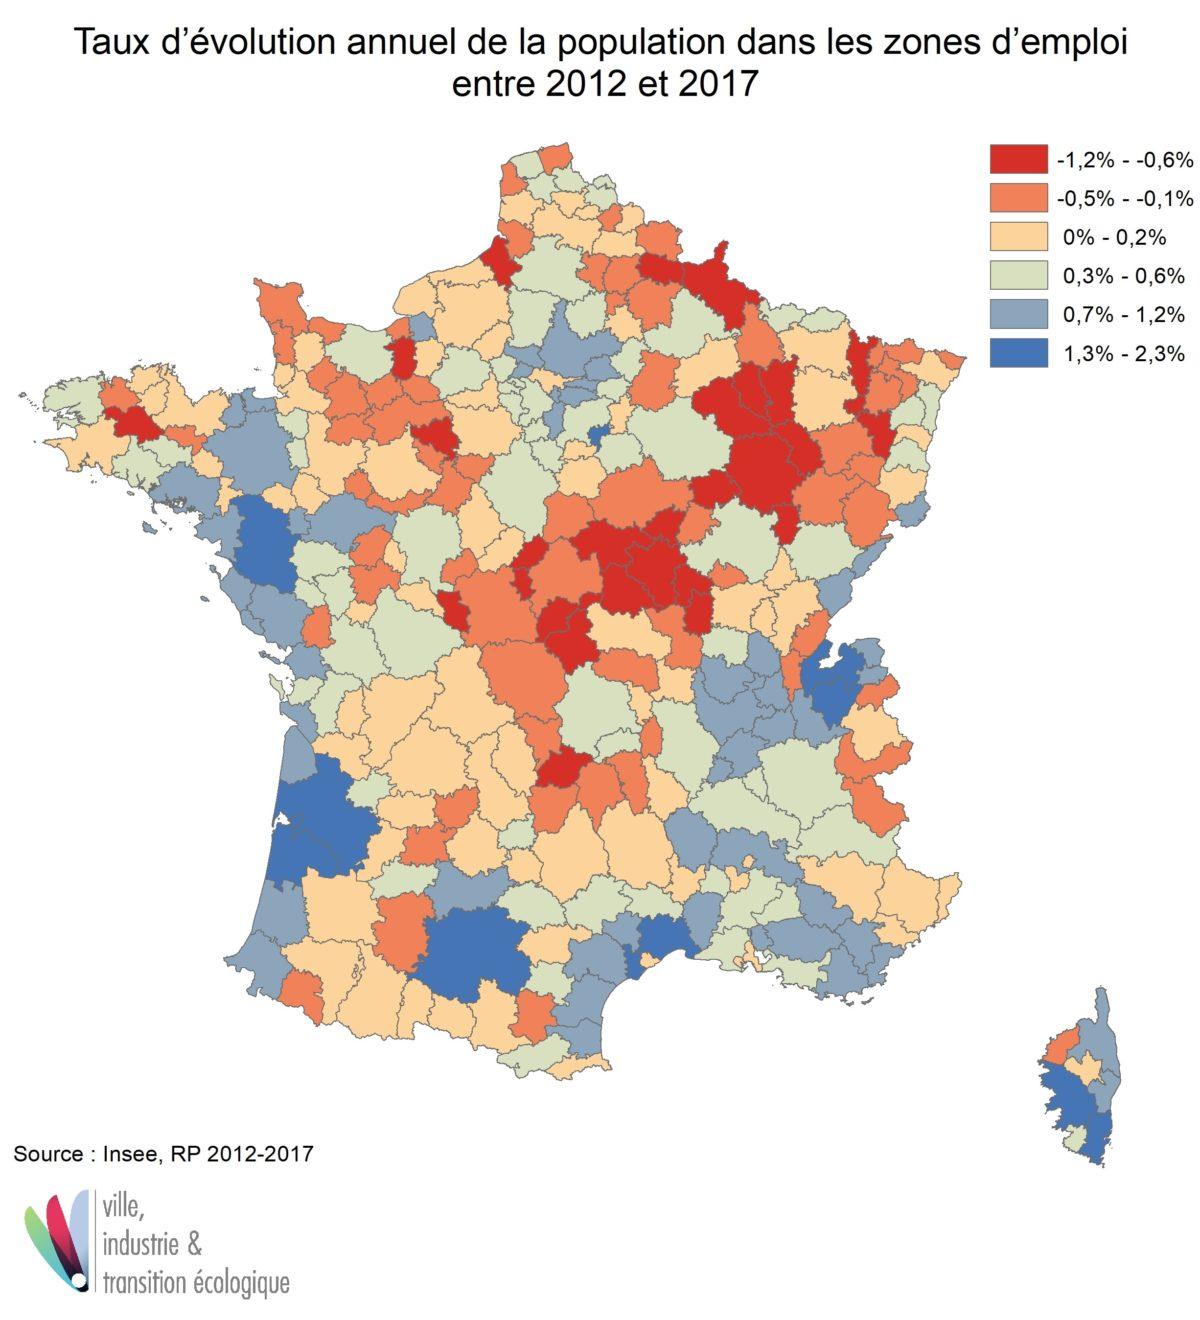 Taux d'évolution annuel de la population dans les zones d'emploi entre 2012-2017